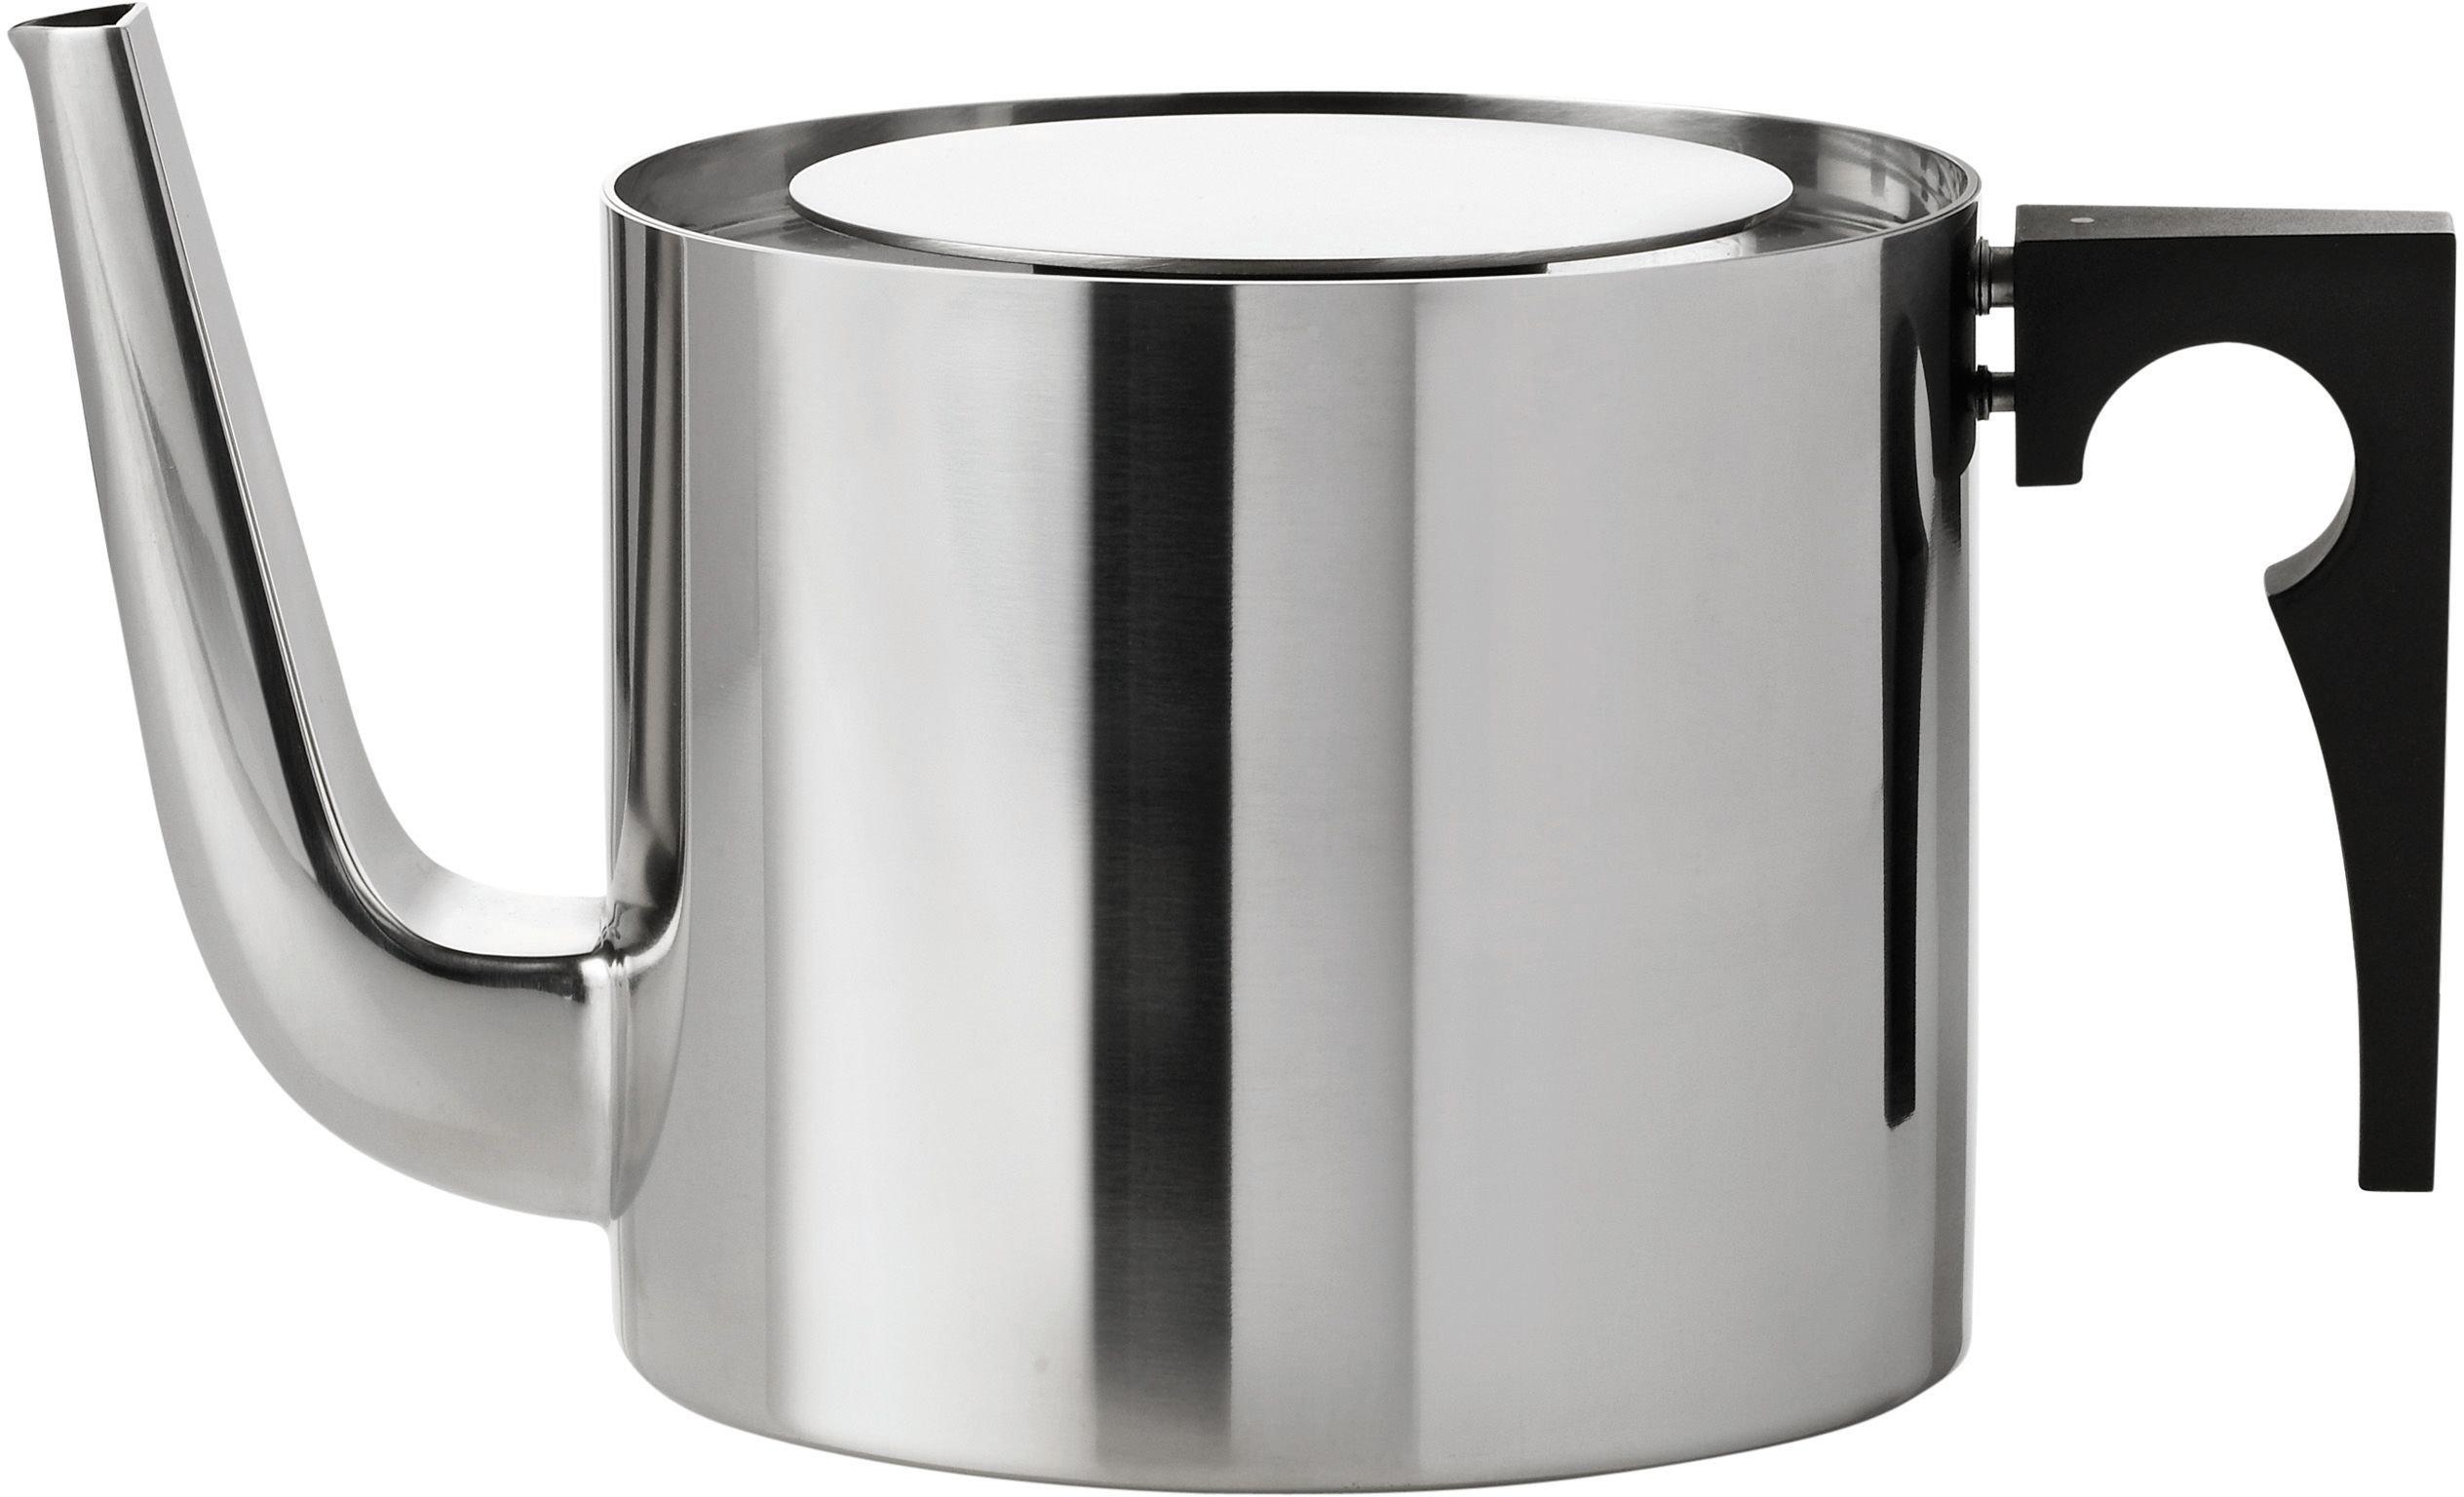 Stelton Arne Jacobsen tea pot, 42.3 oz